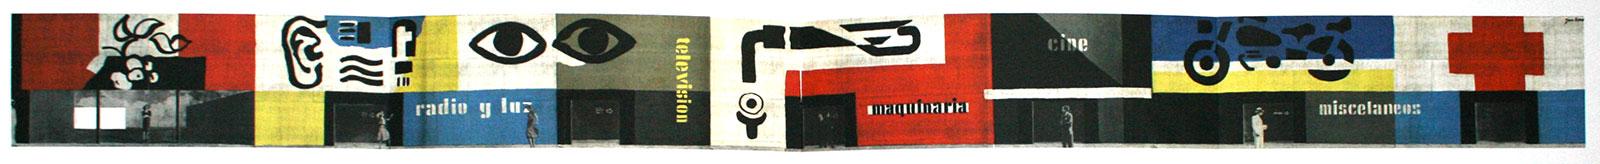 Jan-Bons-frise-murale-mexico